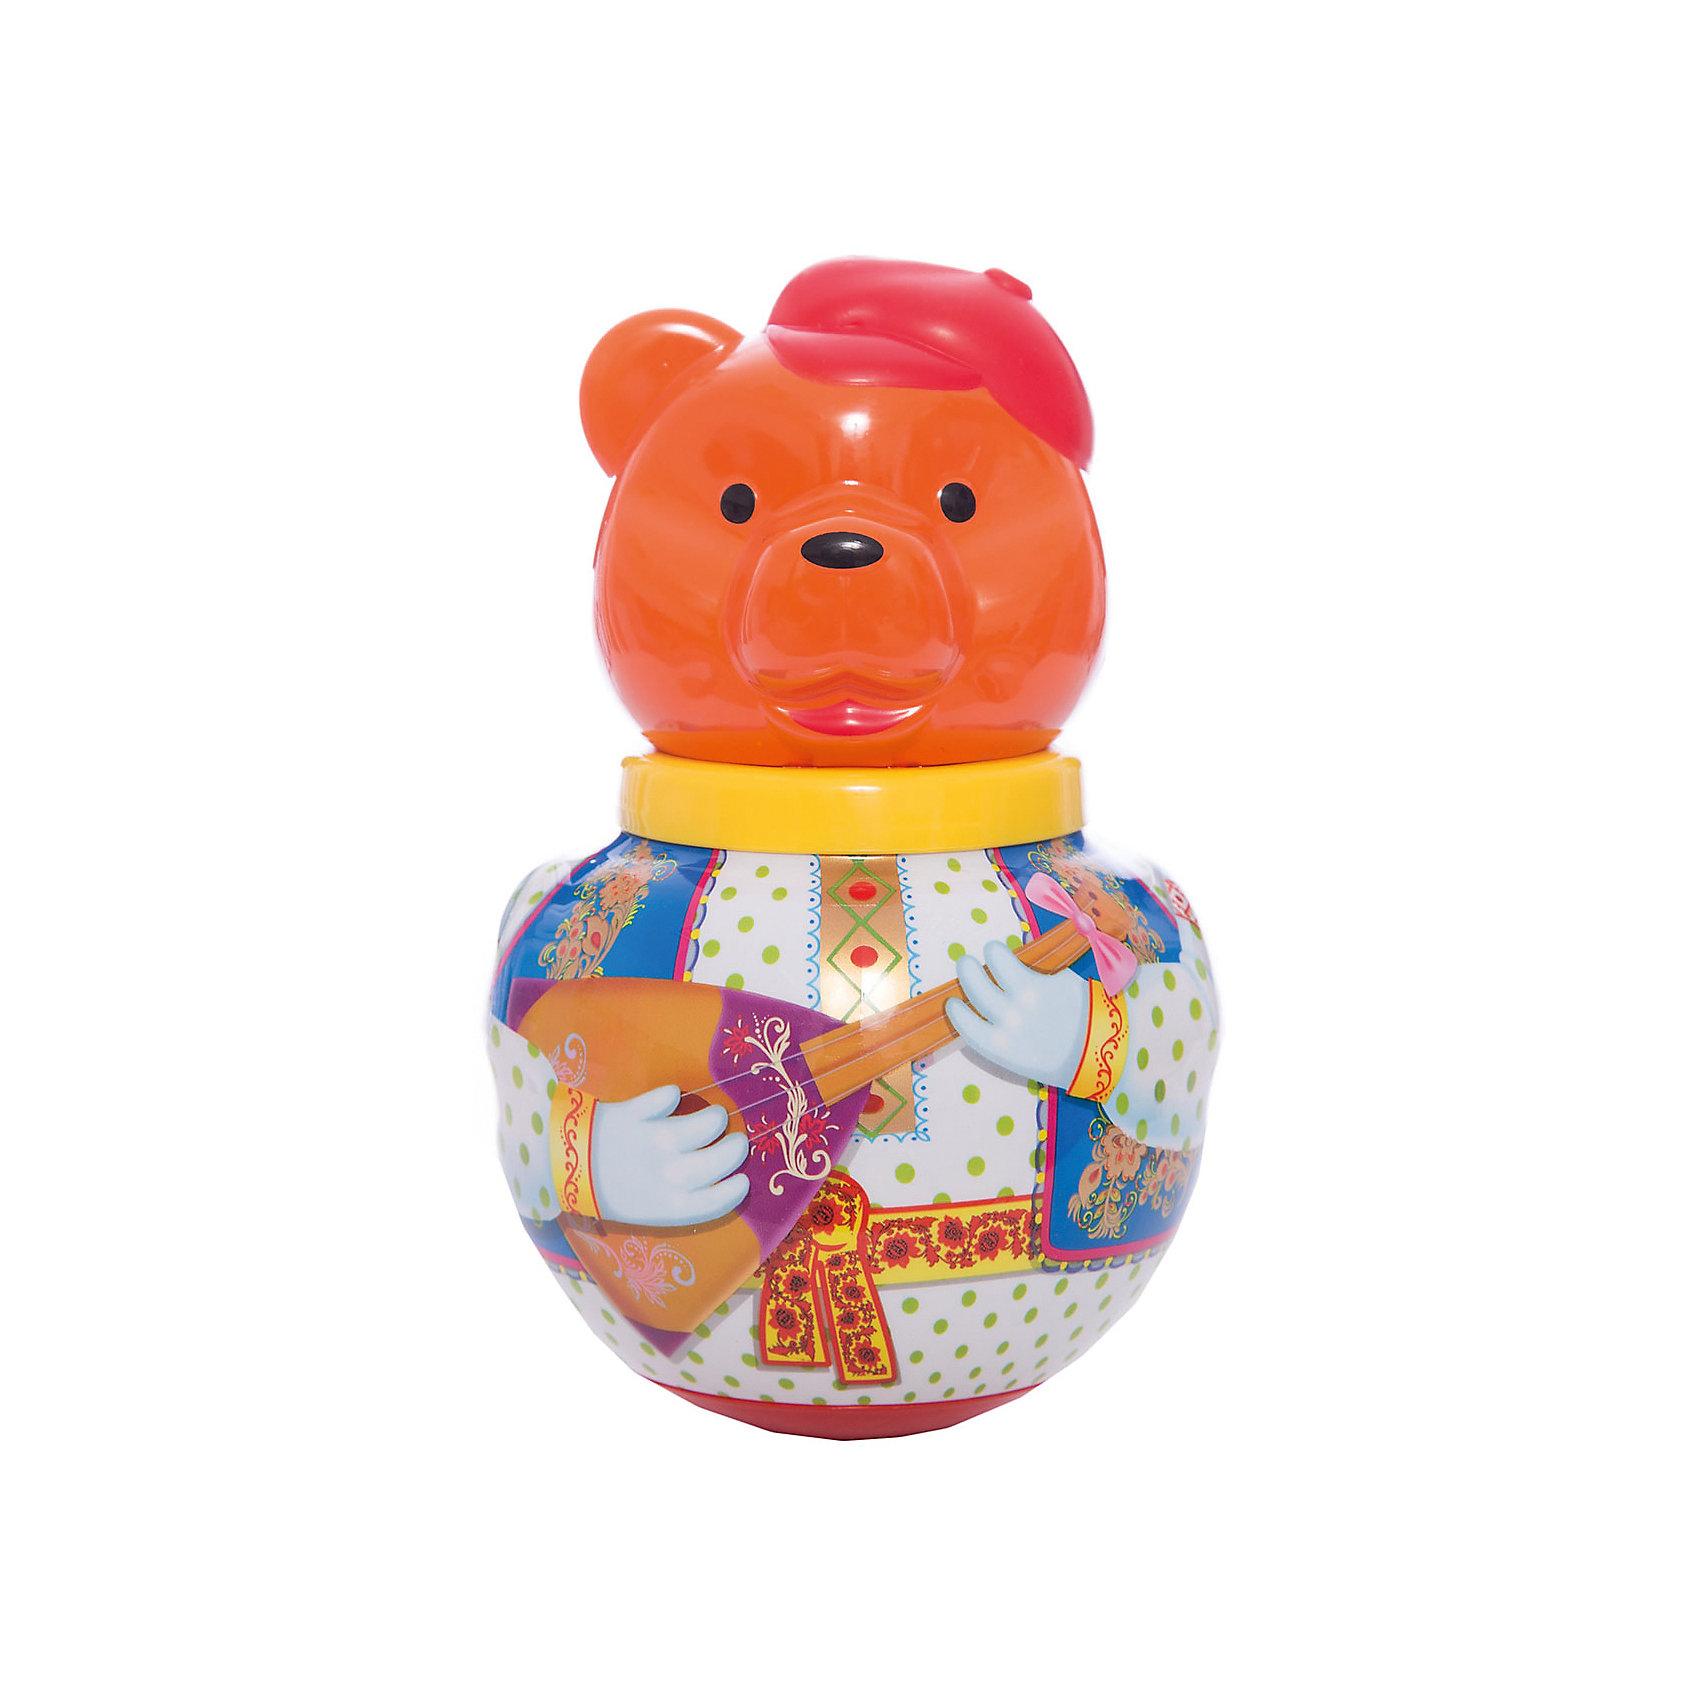 Неваляшка Бурый медведь ПотапычНеваляшки<br>Неваляшка Бурый медведь Потапыч - симпатичный бурый медведь-неваляшка по имени Михаил Потапыч, или просто Потапыч, по-свойски.<br><br>Стоит лишь подтолкнуть его, Потапыч начинает покачиваться и издает мелодичное позвякивание, но он никогда не падает - ведь Михаил Потапыч - не обыкновенный медведь, а неваляшка. <br><br>Отличная классическая игрушка, которая непременно доставит удовольствие вашему крохе!<br>Игрушка стимулирует развитие моторики и координации движении вашего ребенка.<br><br>Дополнительная информация:<br><br>- Размеры: 100*260*100 мм.<br>- Вес: 210 г.<br>- Материал игрушки: пластмасса.<br>- Упаковка: полиэтиленовый пакет.<br><br>Ширина мм: 100<br>Глубина мм: 260<br>Высота мм: 100<br>Вес г: 210<br>Возраст от месяцев: 6<br>Возраст до месяцев: 36<br>Пол: Унисекс<br>Возраст: Детский<br>SKU: 2555630